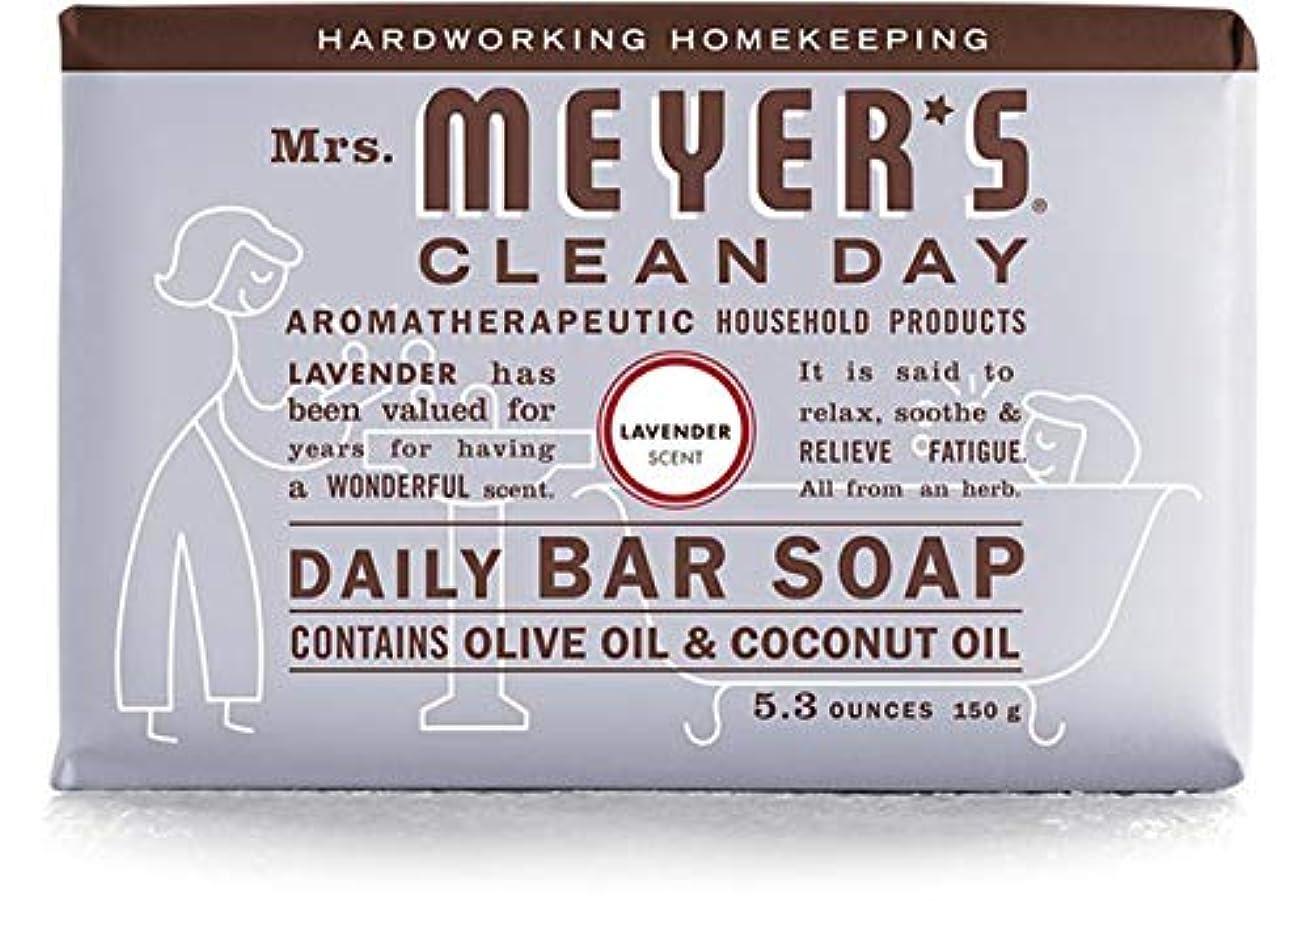 地下鉄事務所絶縁する2 Packs of Mrs. Meyer's Bar Soap - Lavender - 5.3 Oz by Mrs. Meyer's Clean Day